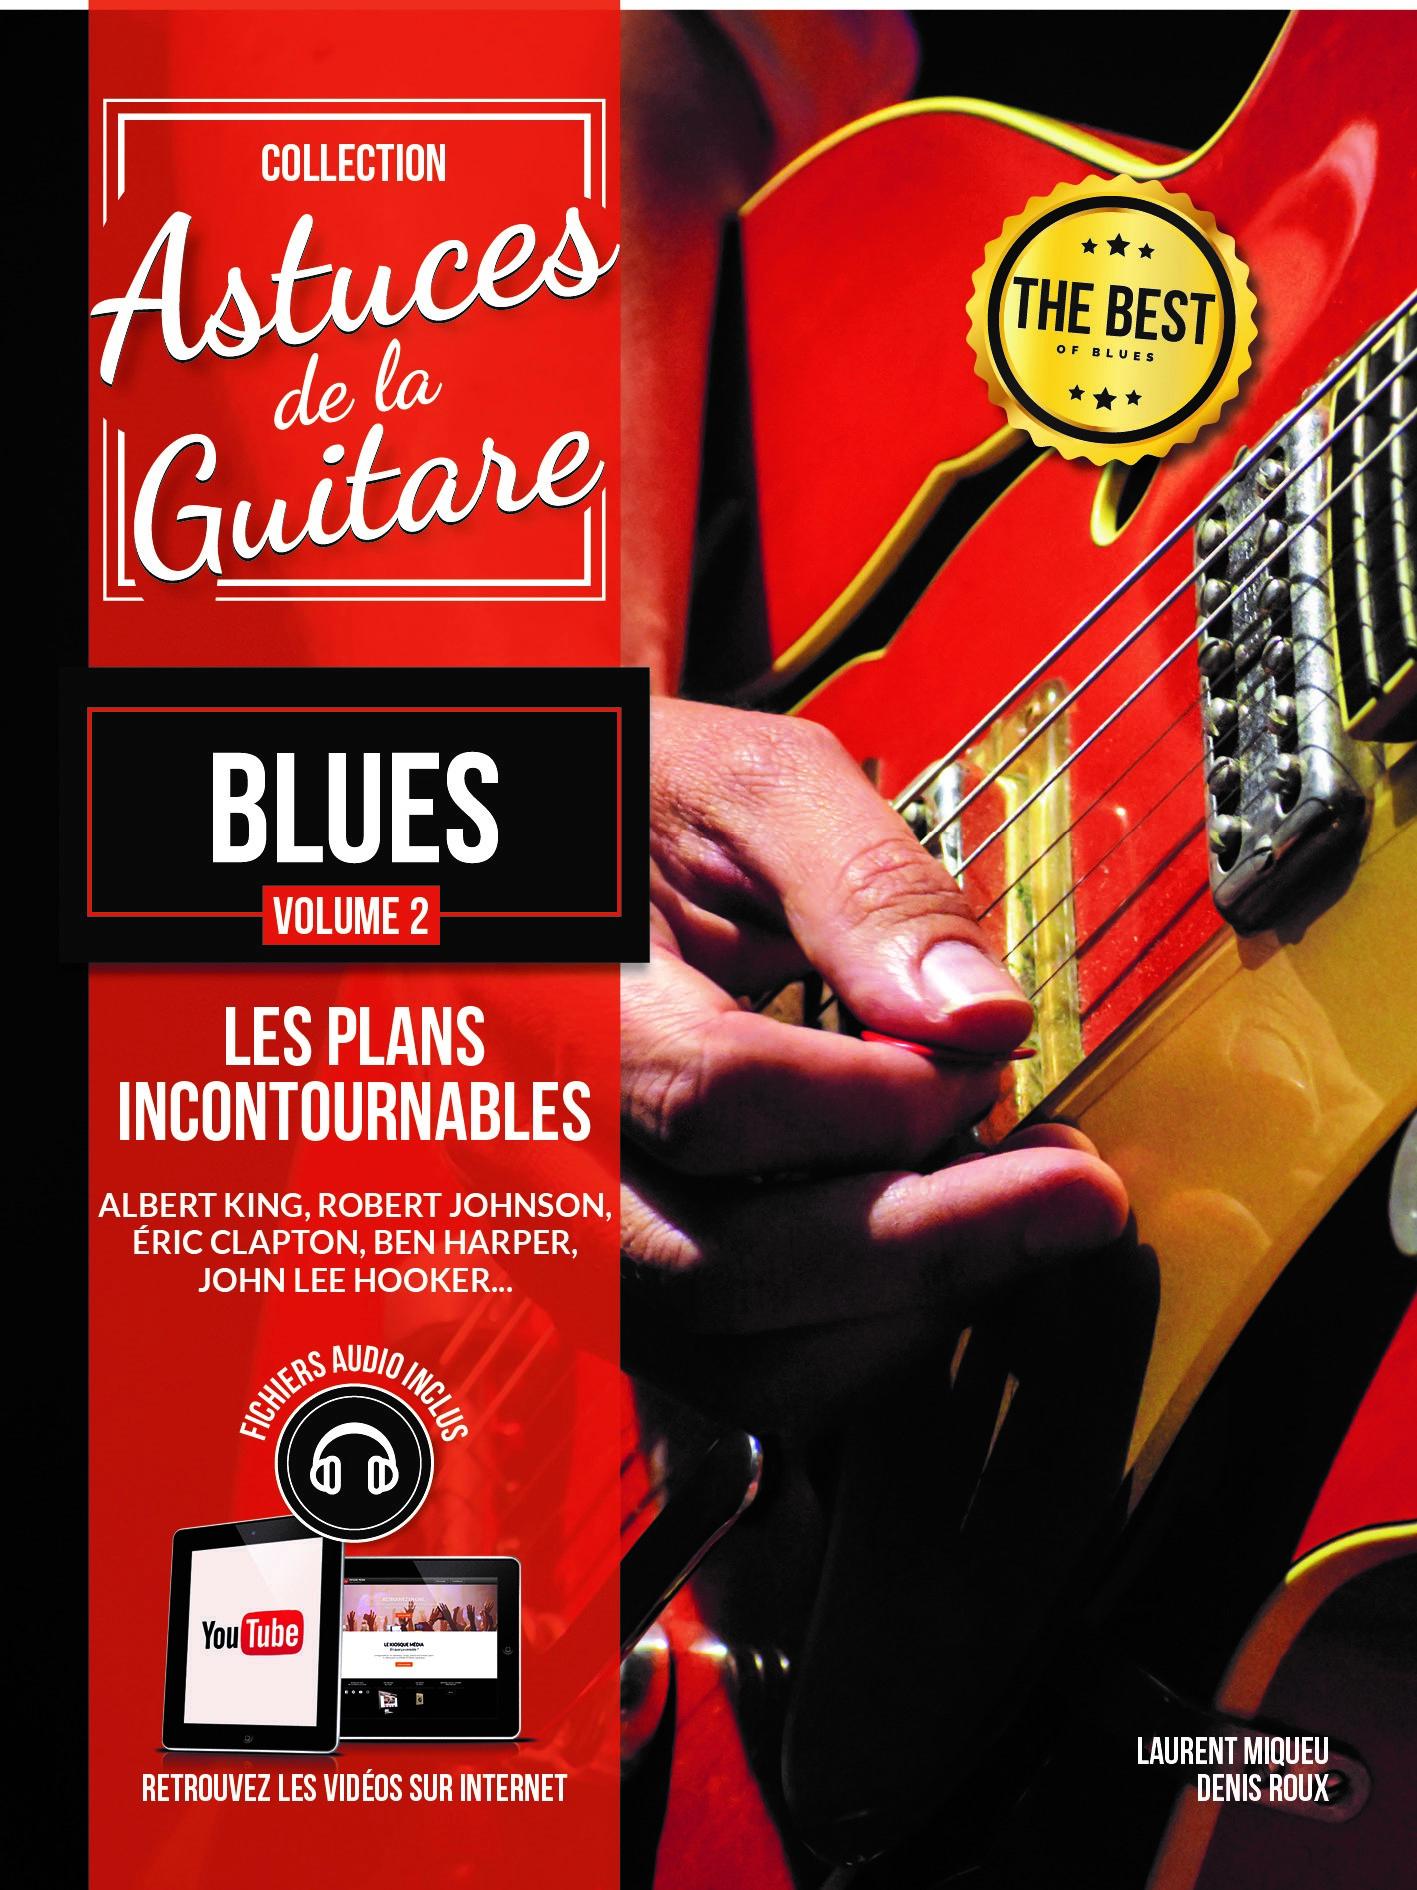 Astuces de la guitare blues vol 2